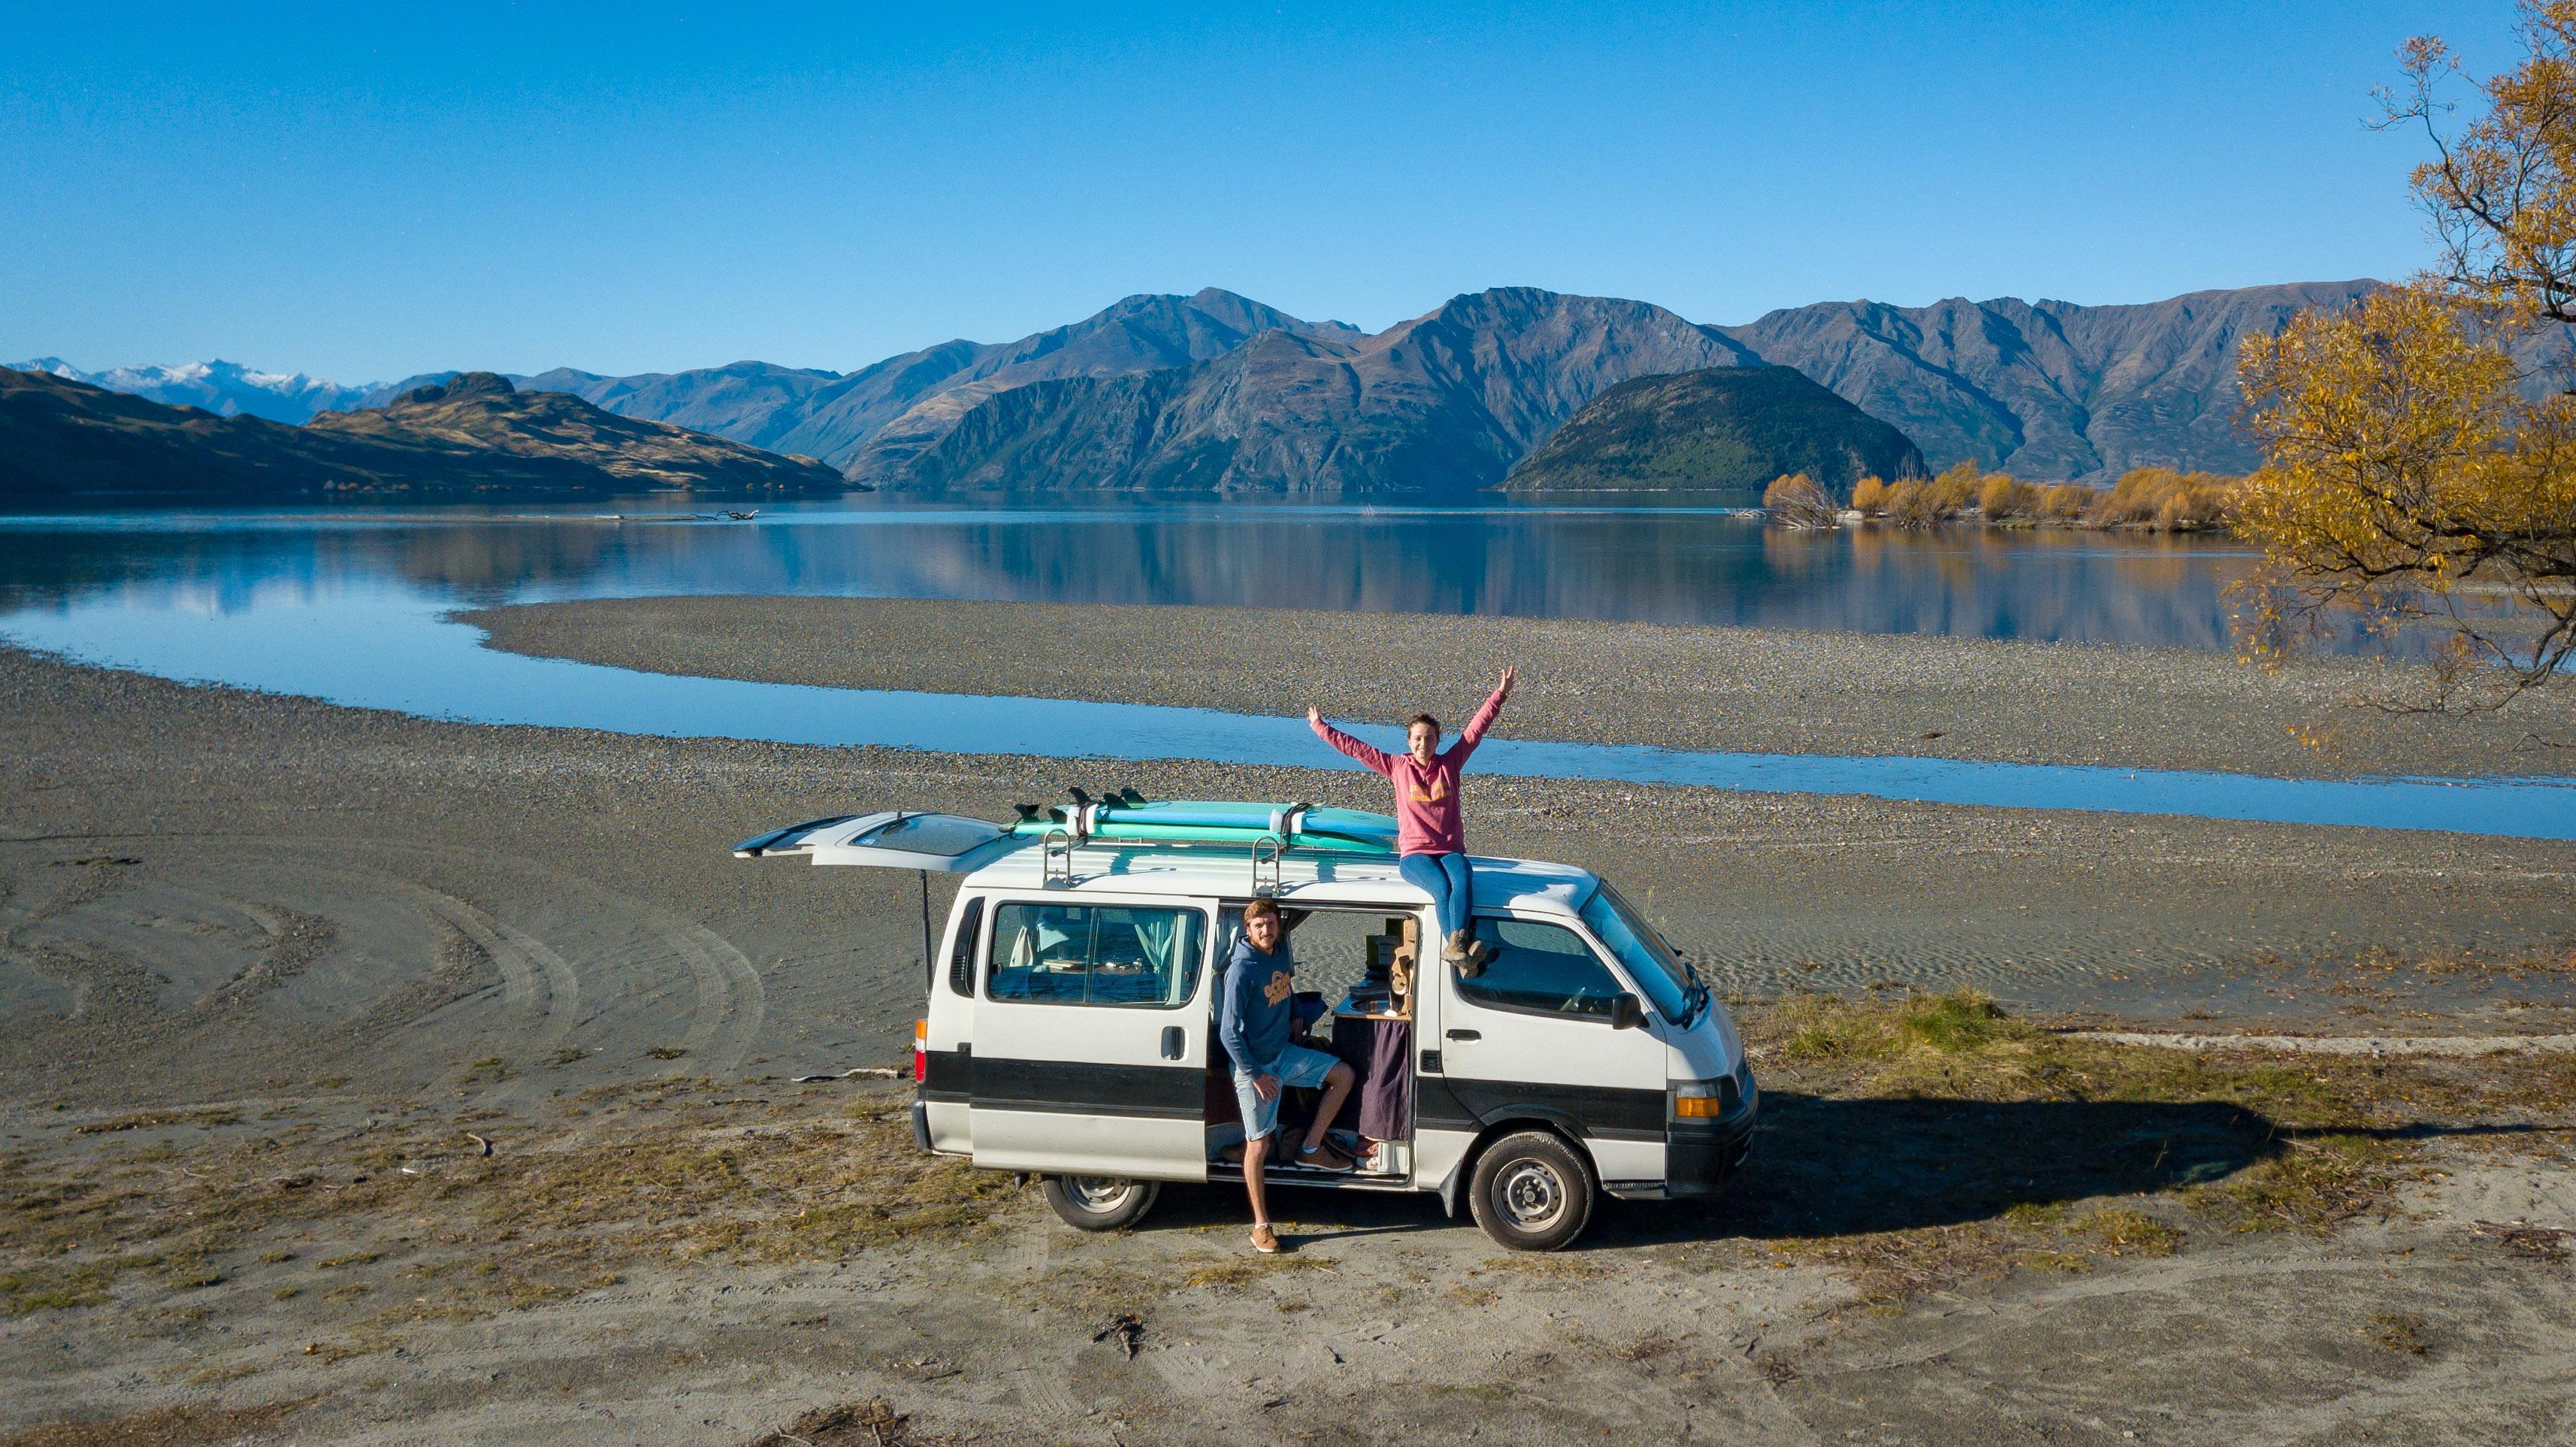 Océane et Théo ont arrêté leur van au lac de Wanaka, situé dans la région d'Otago en Nouvelle-Zélande.